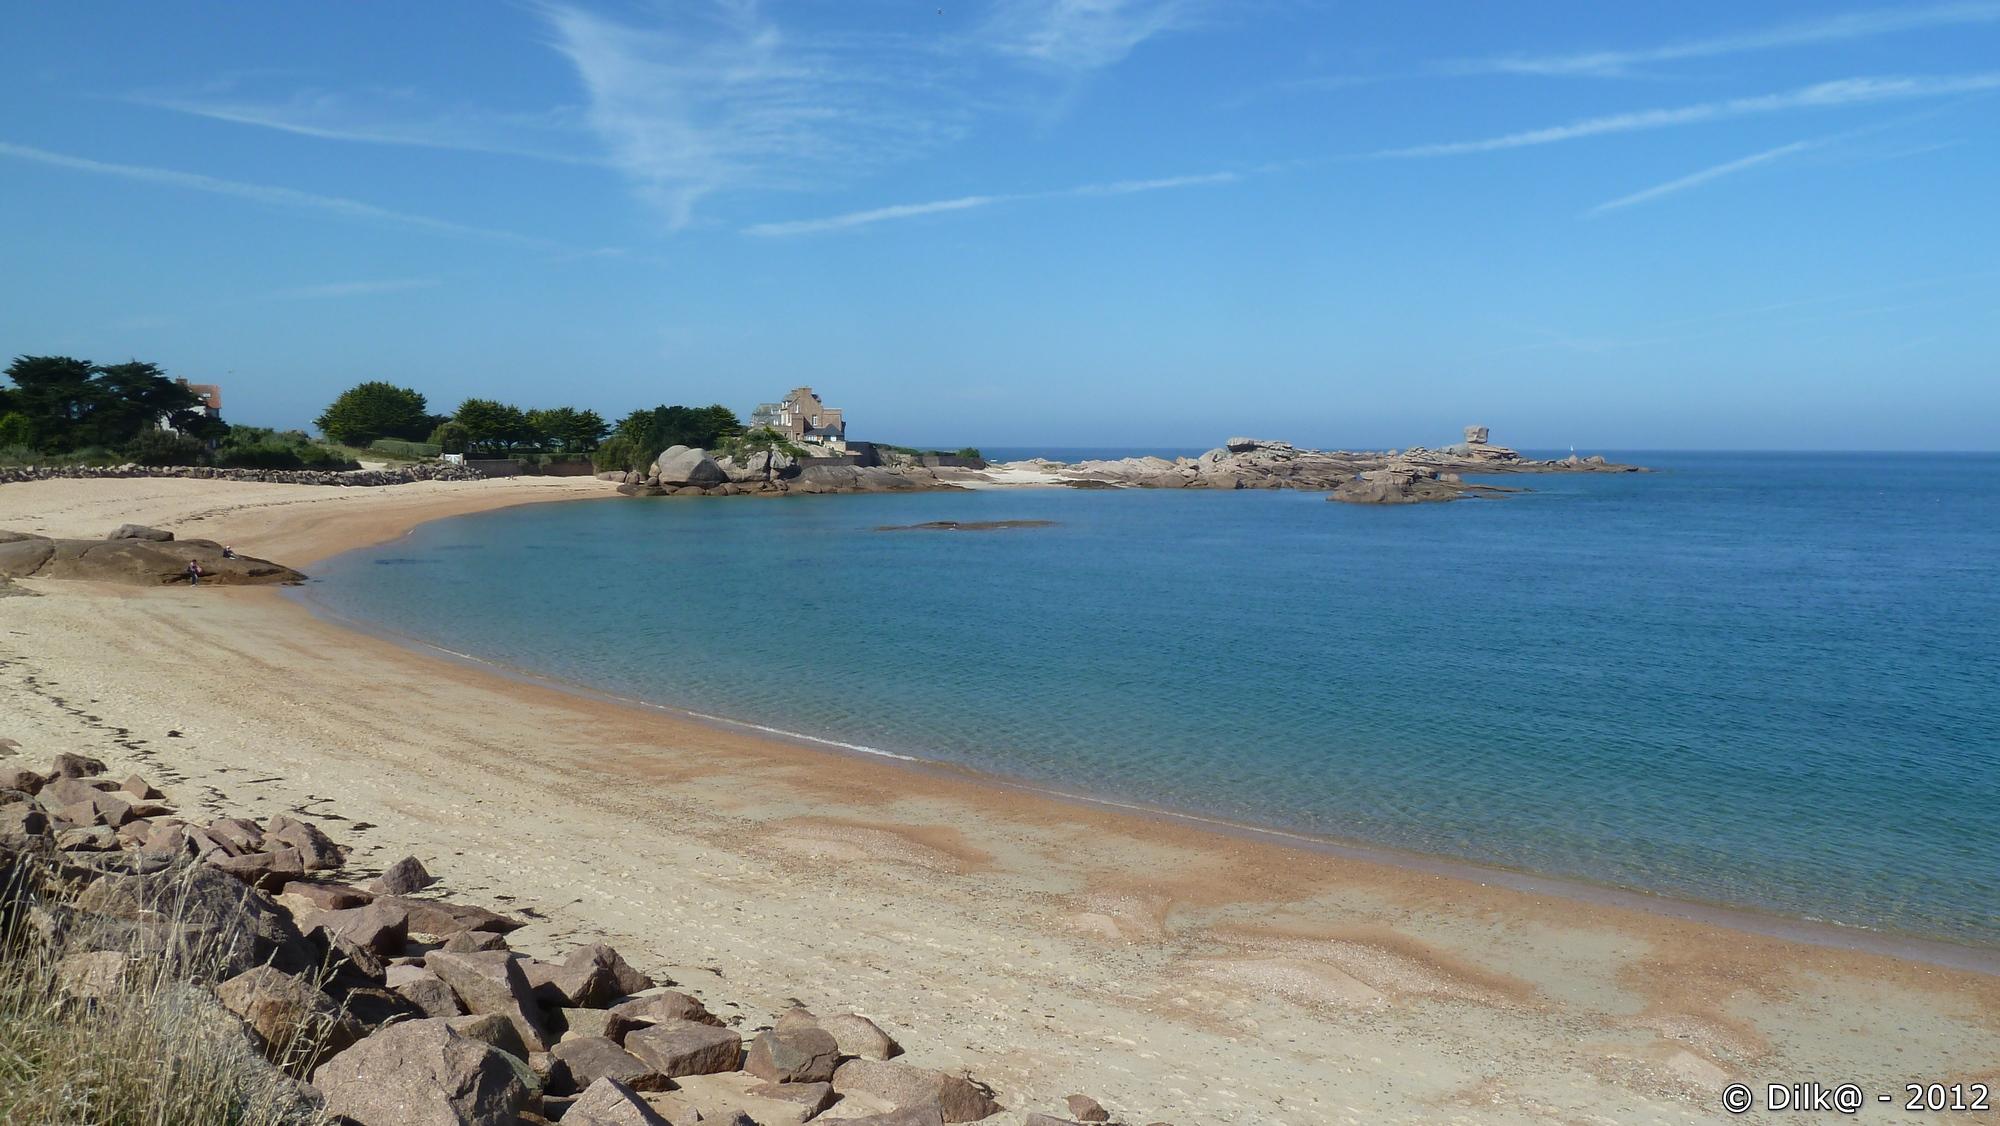 La plage de l'île Renote